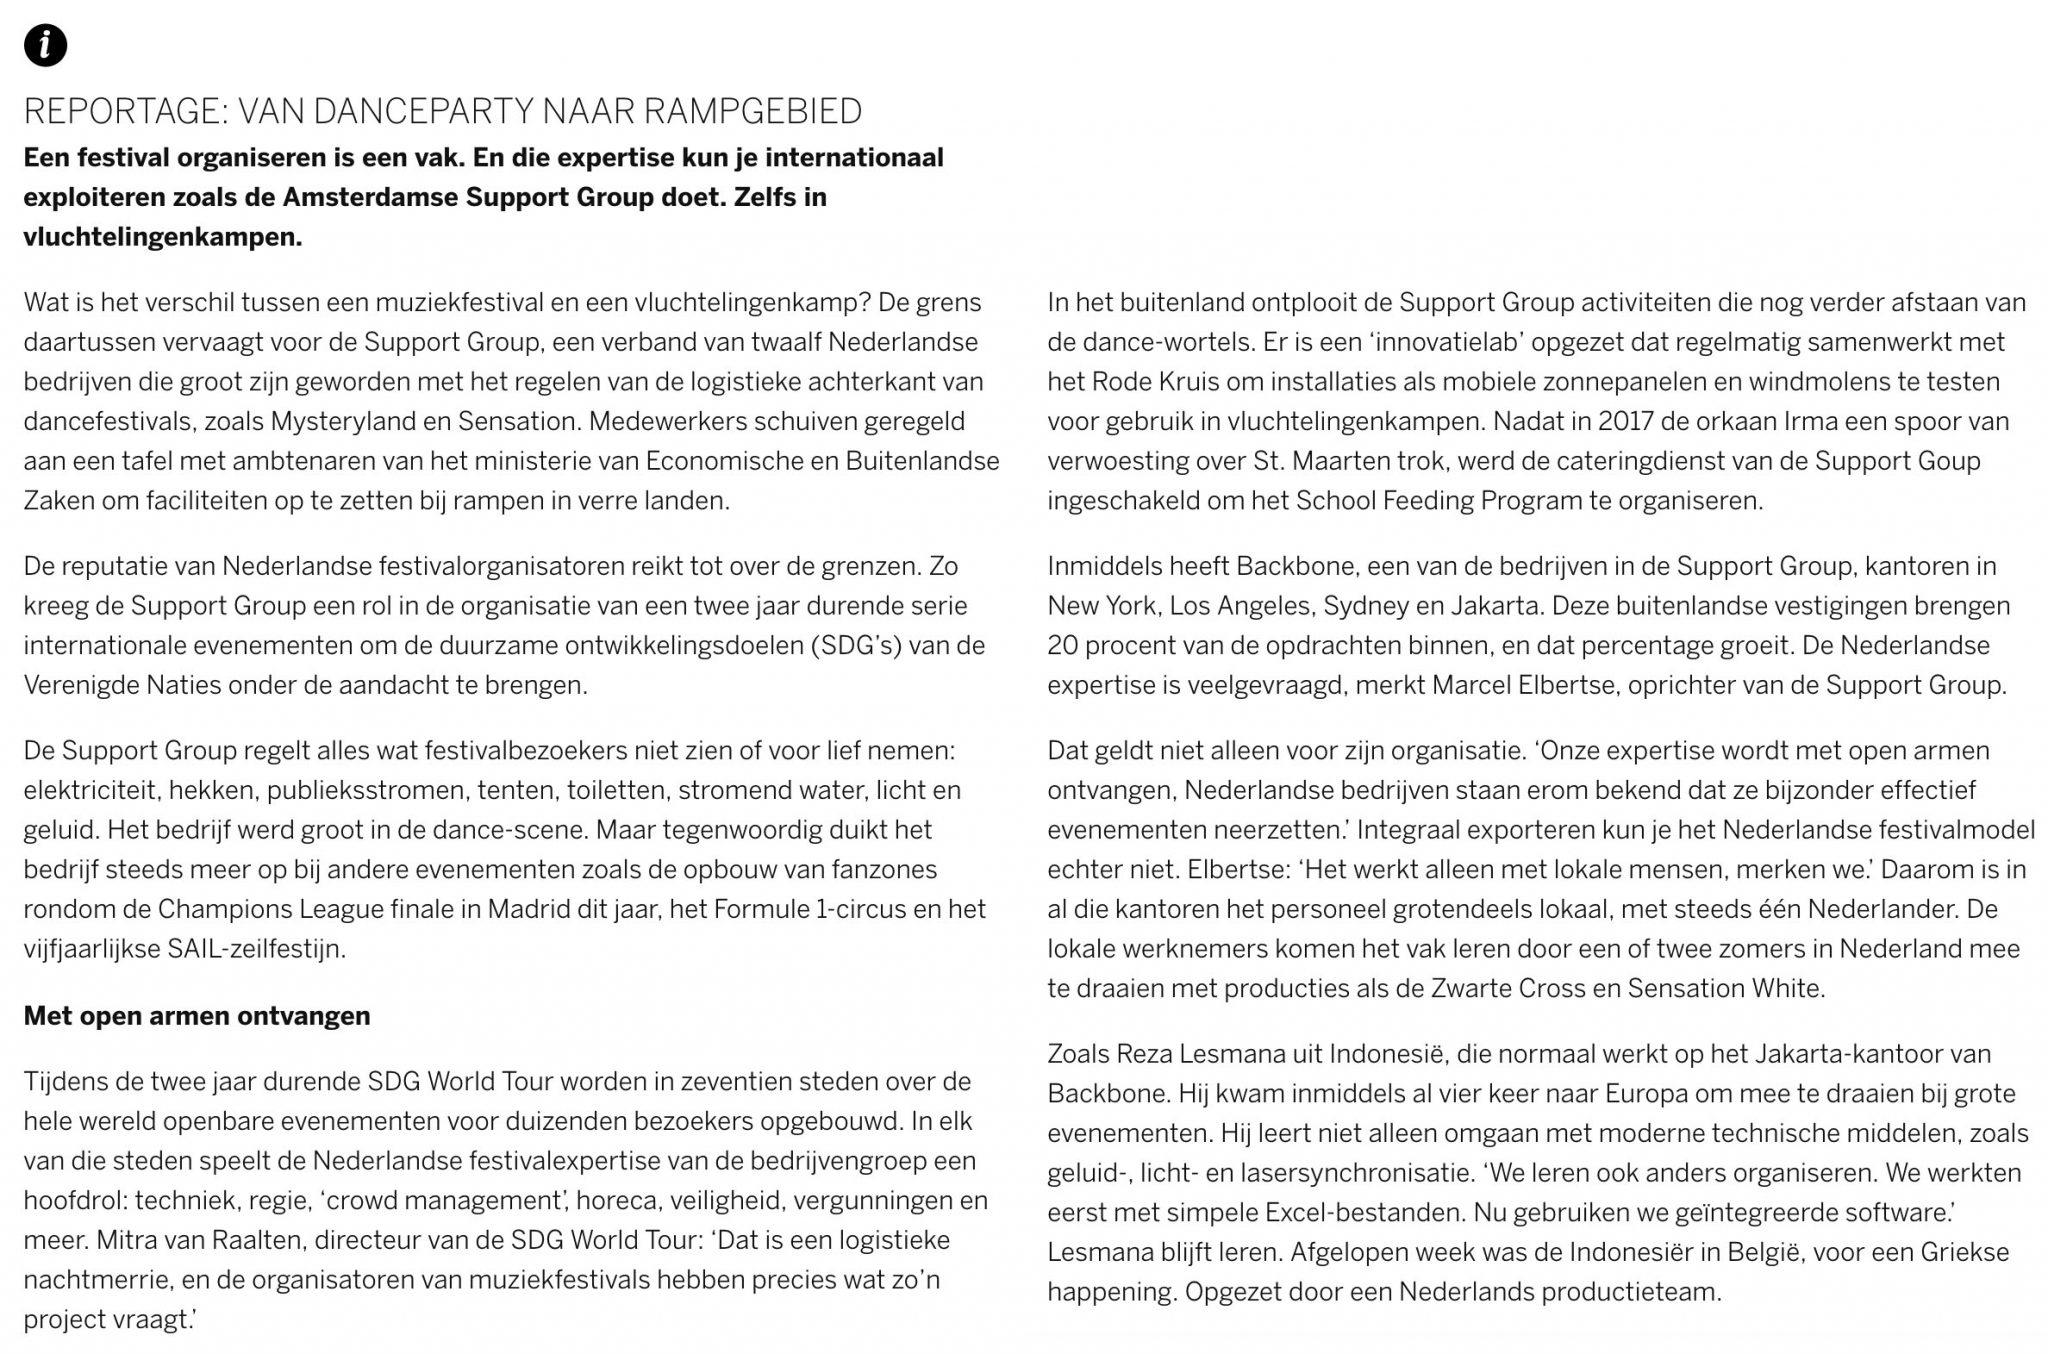 Volkskrant Report 02-08-19